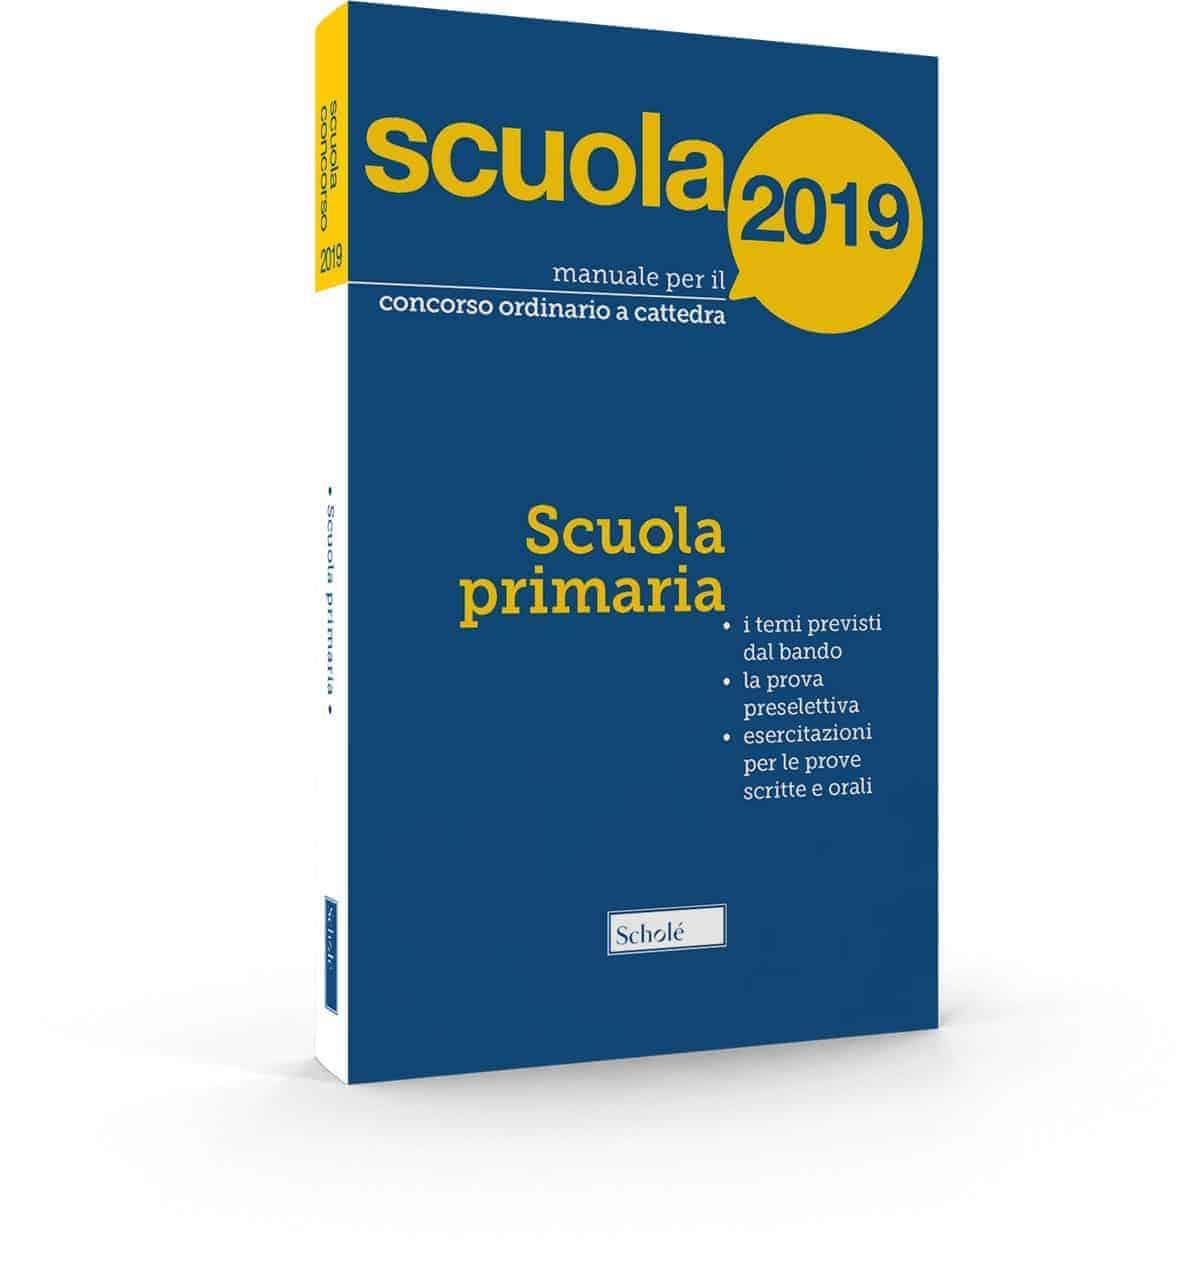 Manuale concorso scuola primaria 2019